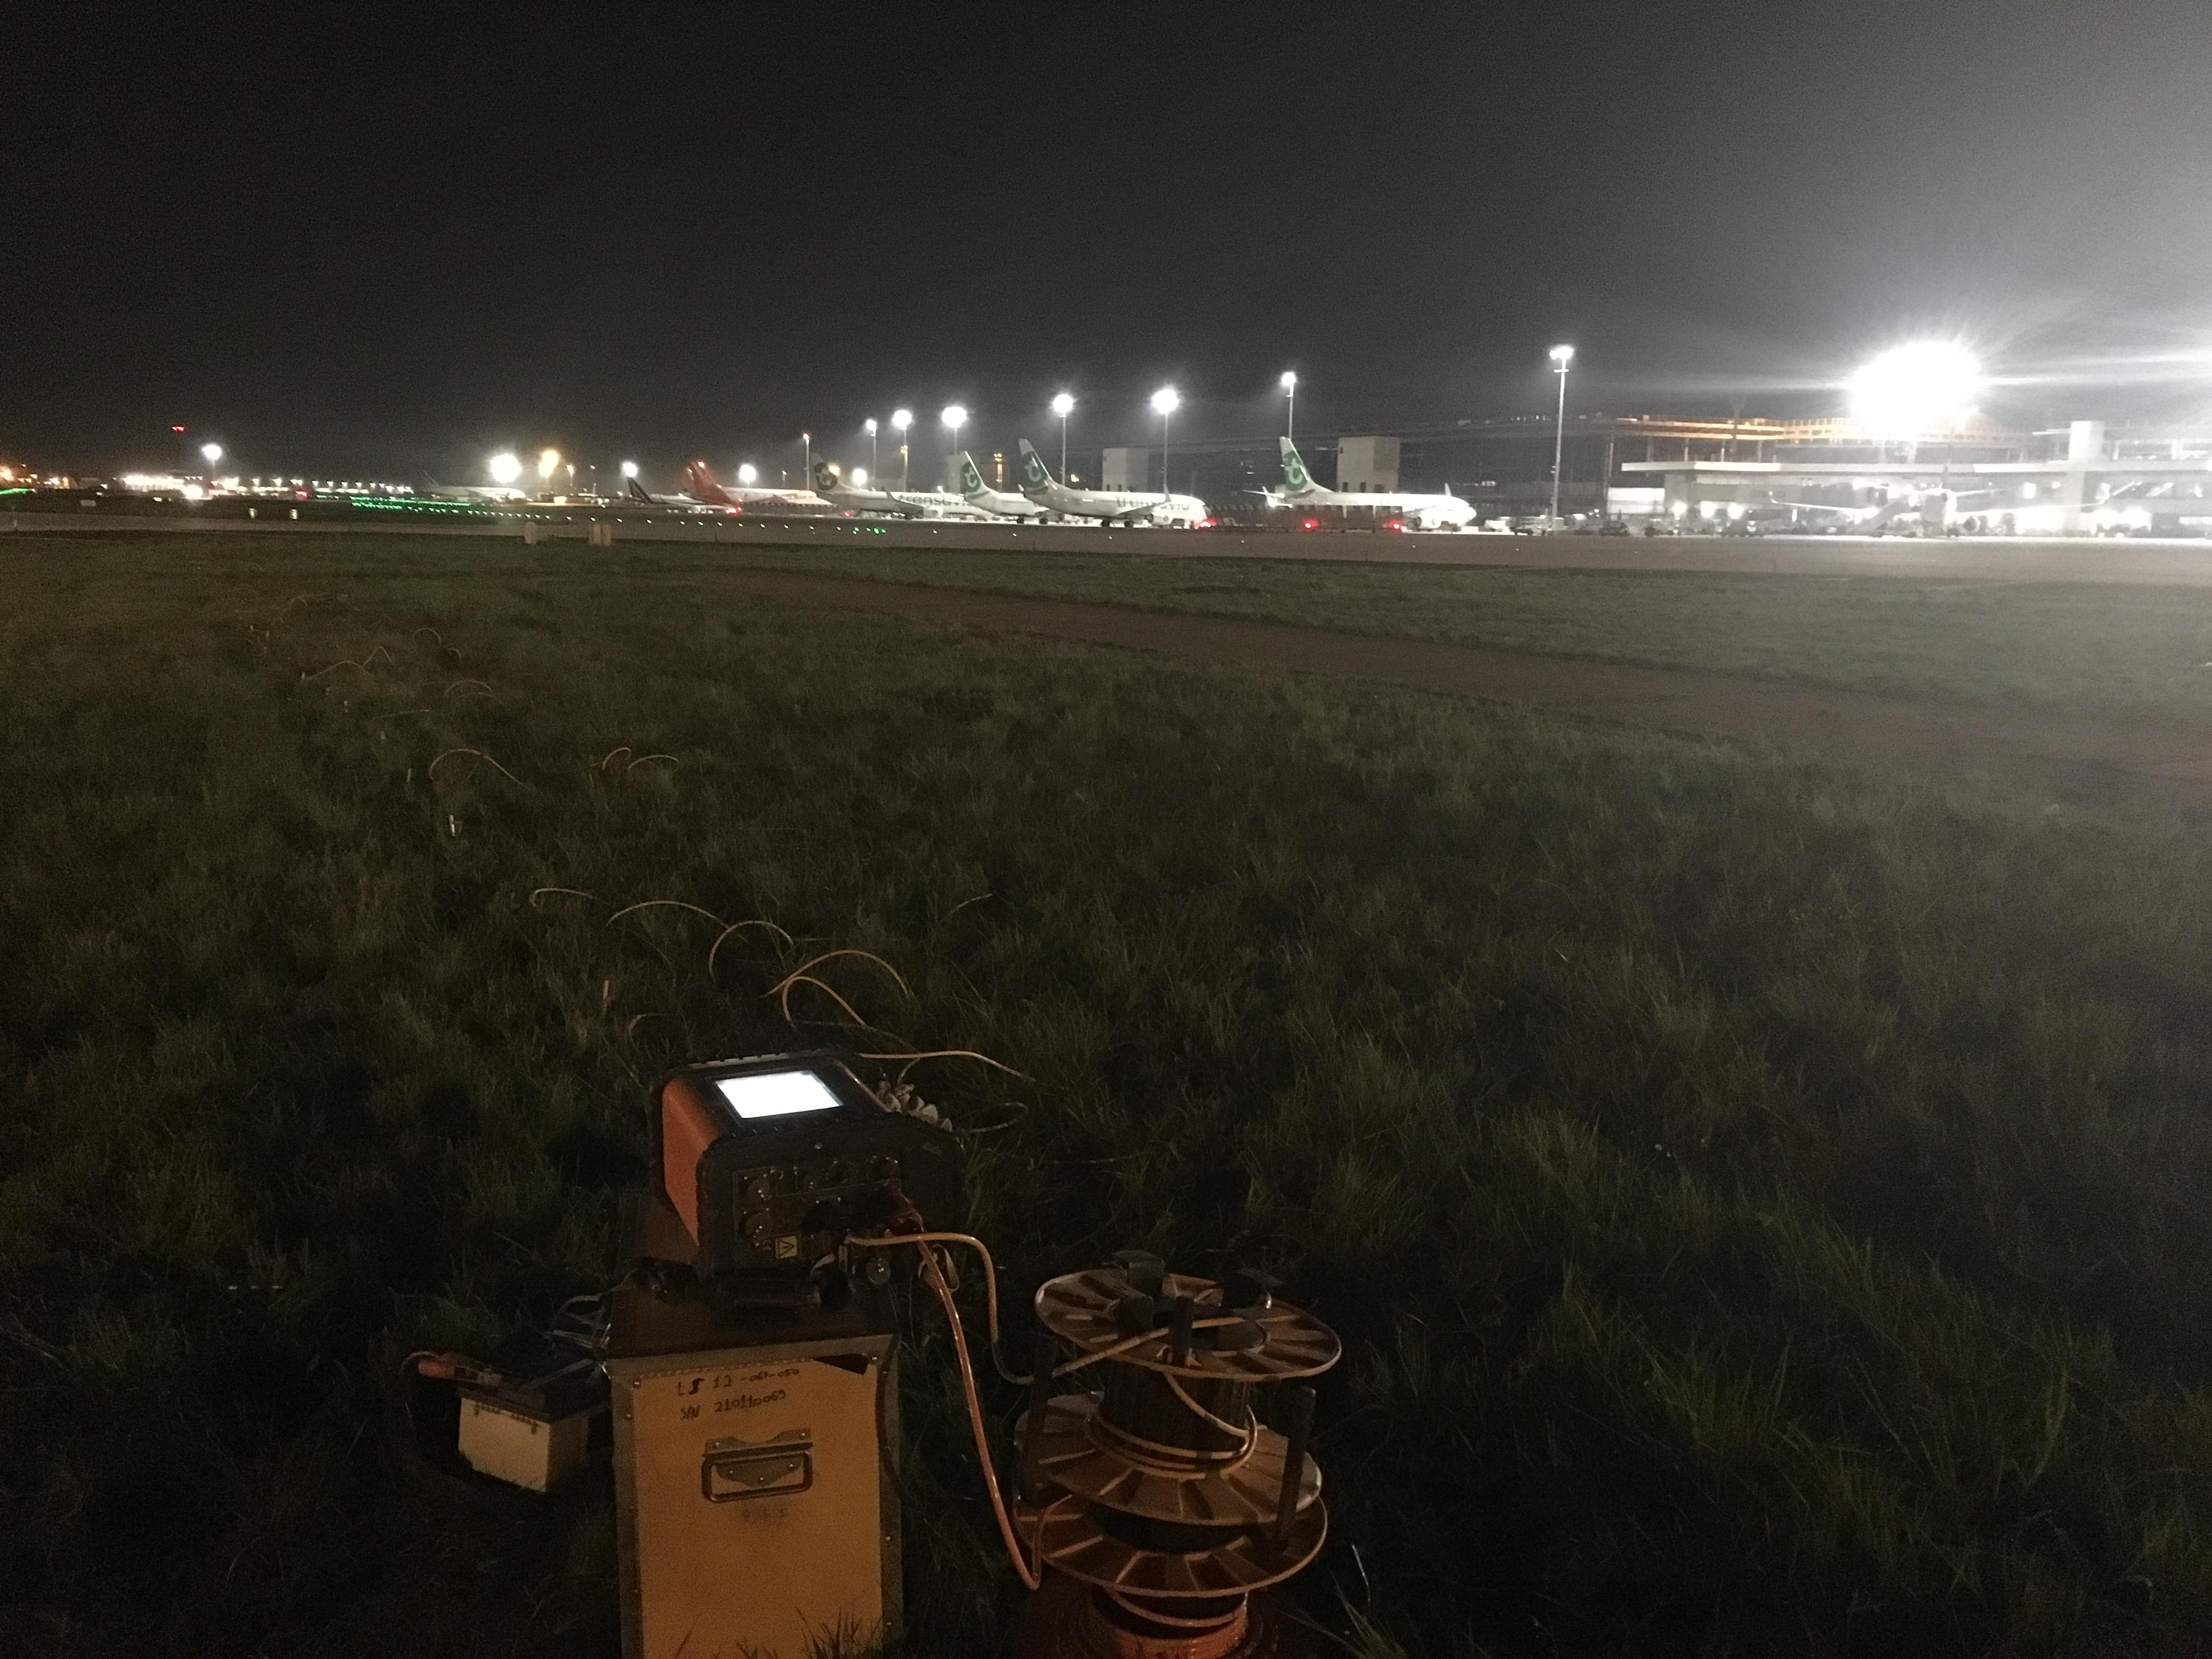 Afin de mieux connaitre la géologie du proche sous-sol dans des secteurs de l'Aéroport d'Orly (94), ArkoGéos a procédé à une investigation par panneau électrique.